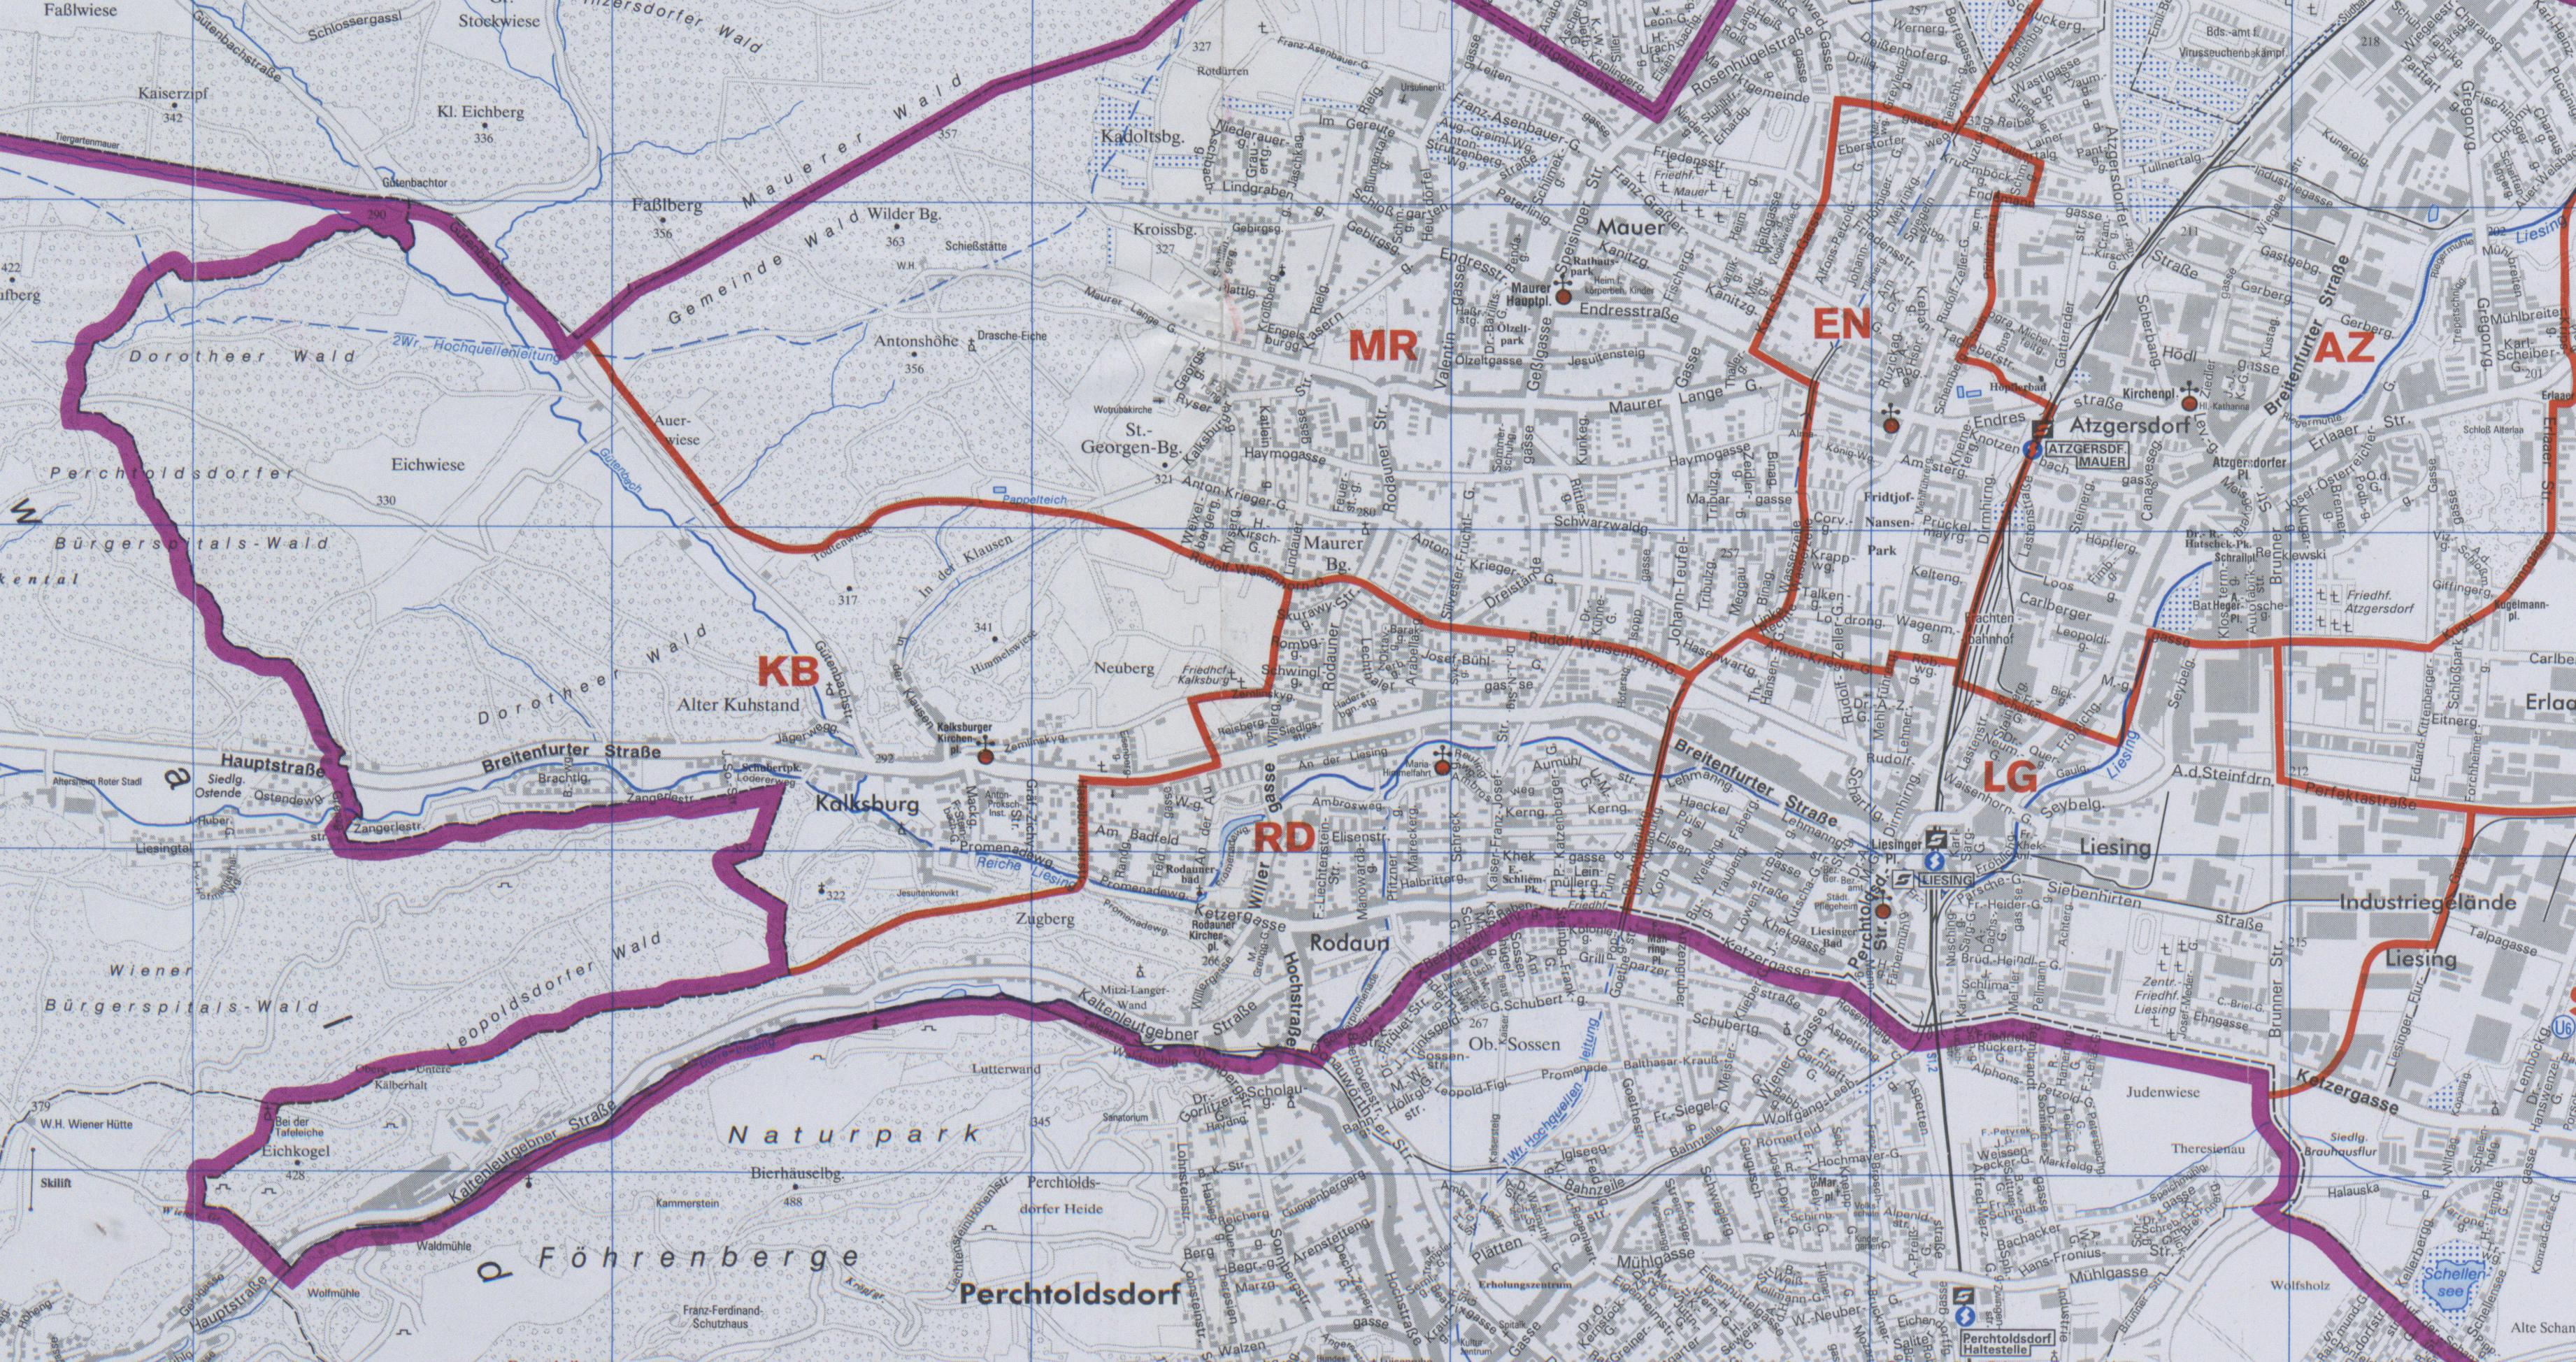 Karte Wien Niederosterreich.23 Kalksburg Wien Rk Erzdiozese Ostl